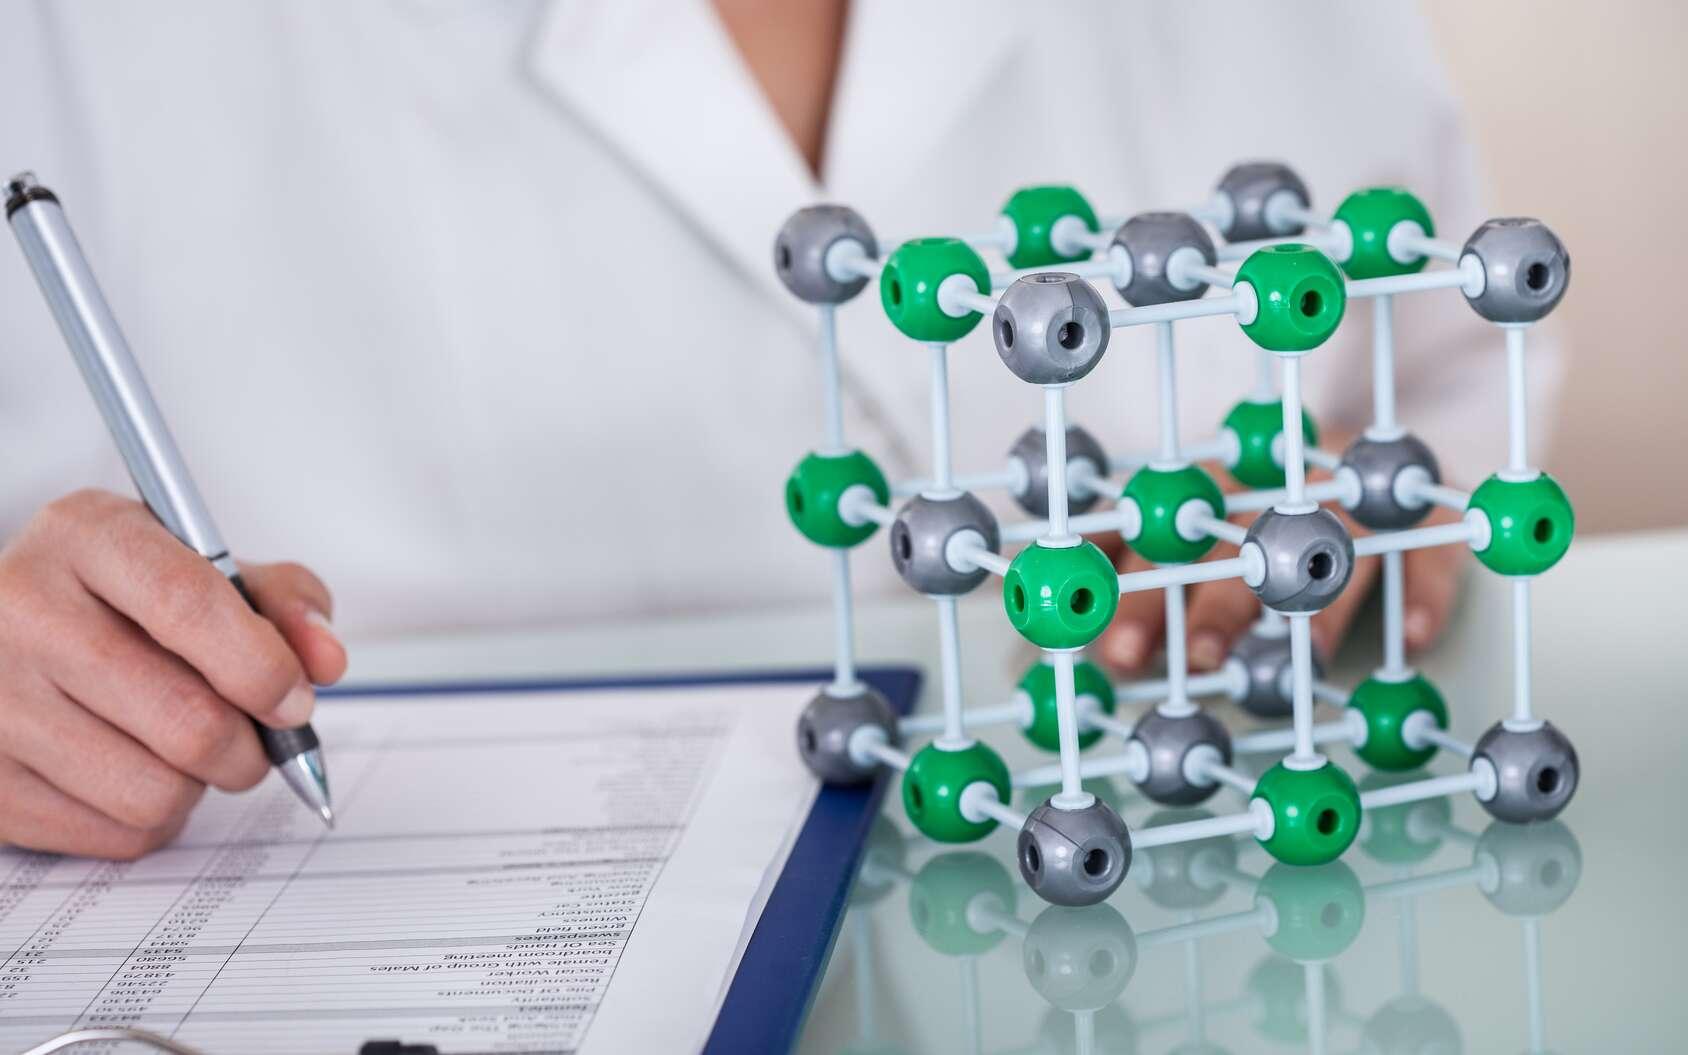 Dans le sel de table (chlorure de sodium, NaCl), les anions chlorure (Cl-) sont liés aux cations sodium (Na+). Le chlorure de sodium cristallise dans un système cubique : les ions chlorure sont aux sommets des mailles (en vert) et les ions sodium (en gris) sont entre chaque paire d'ions chlorure. © Andrey Popov, Fotolia